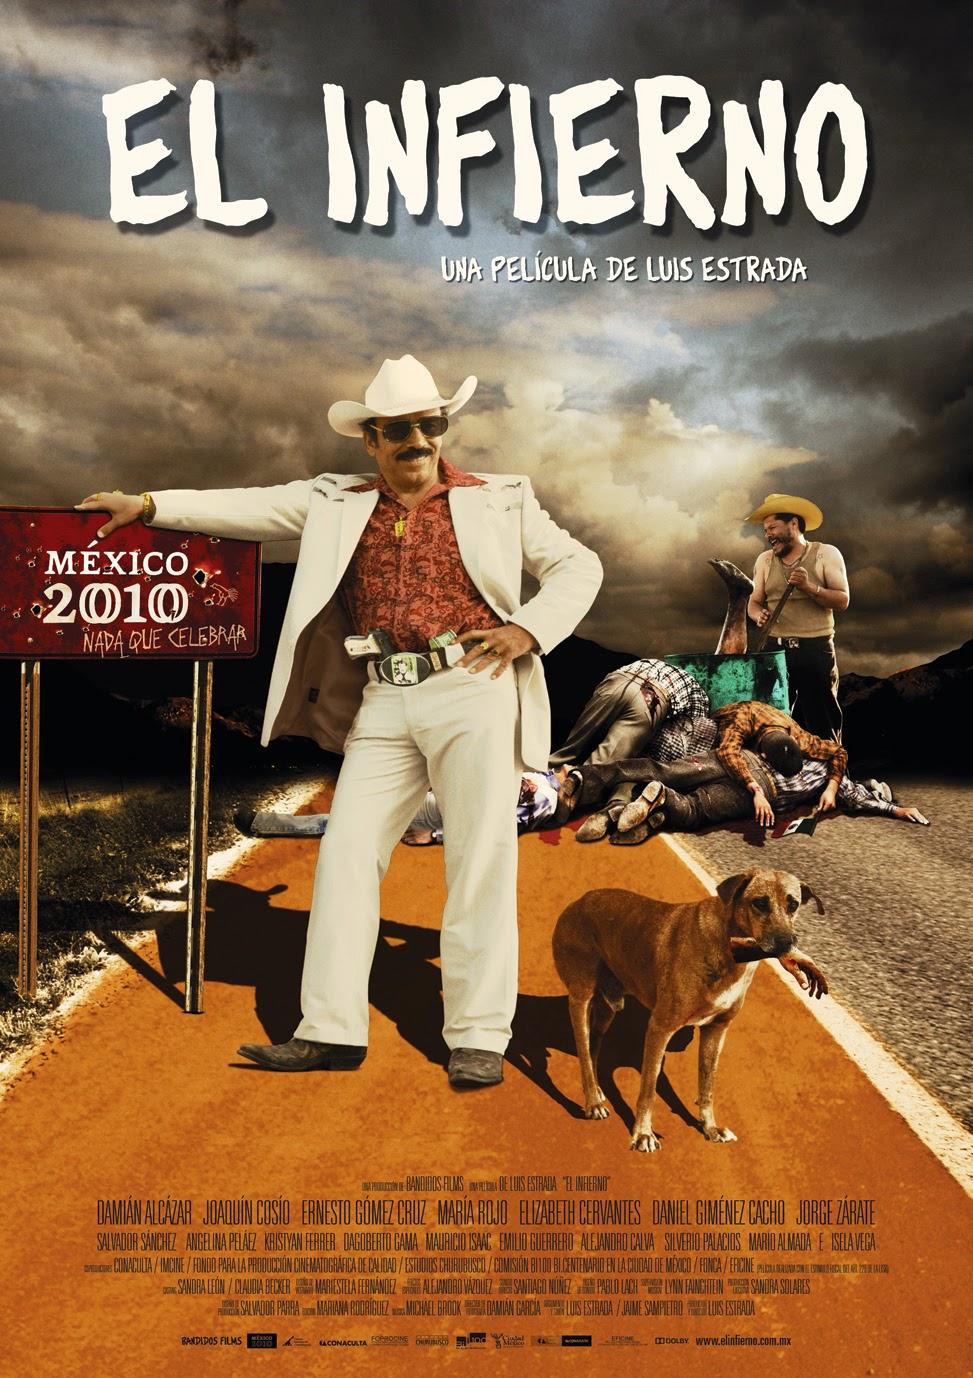 Descarga El Infierno [Latino] [720p] (2010) 1 link Audio Latino